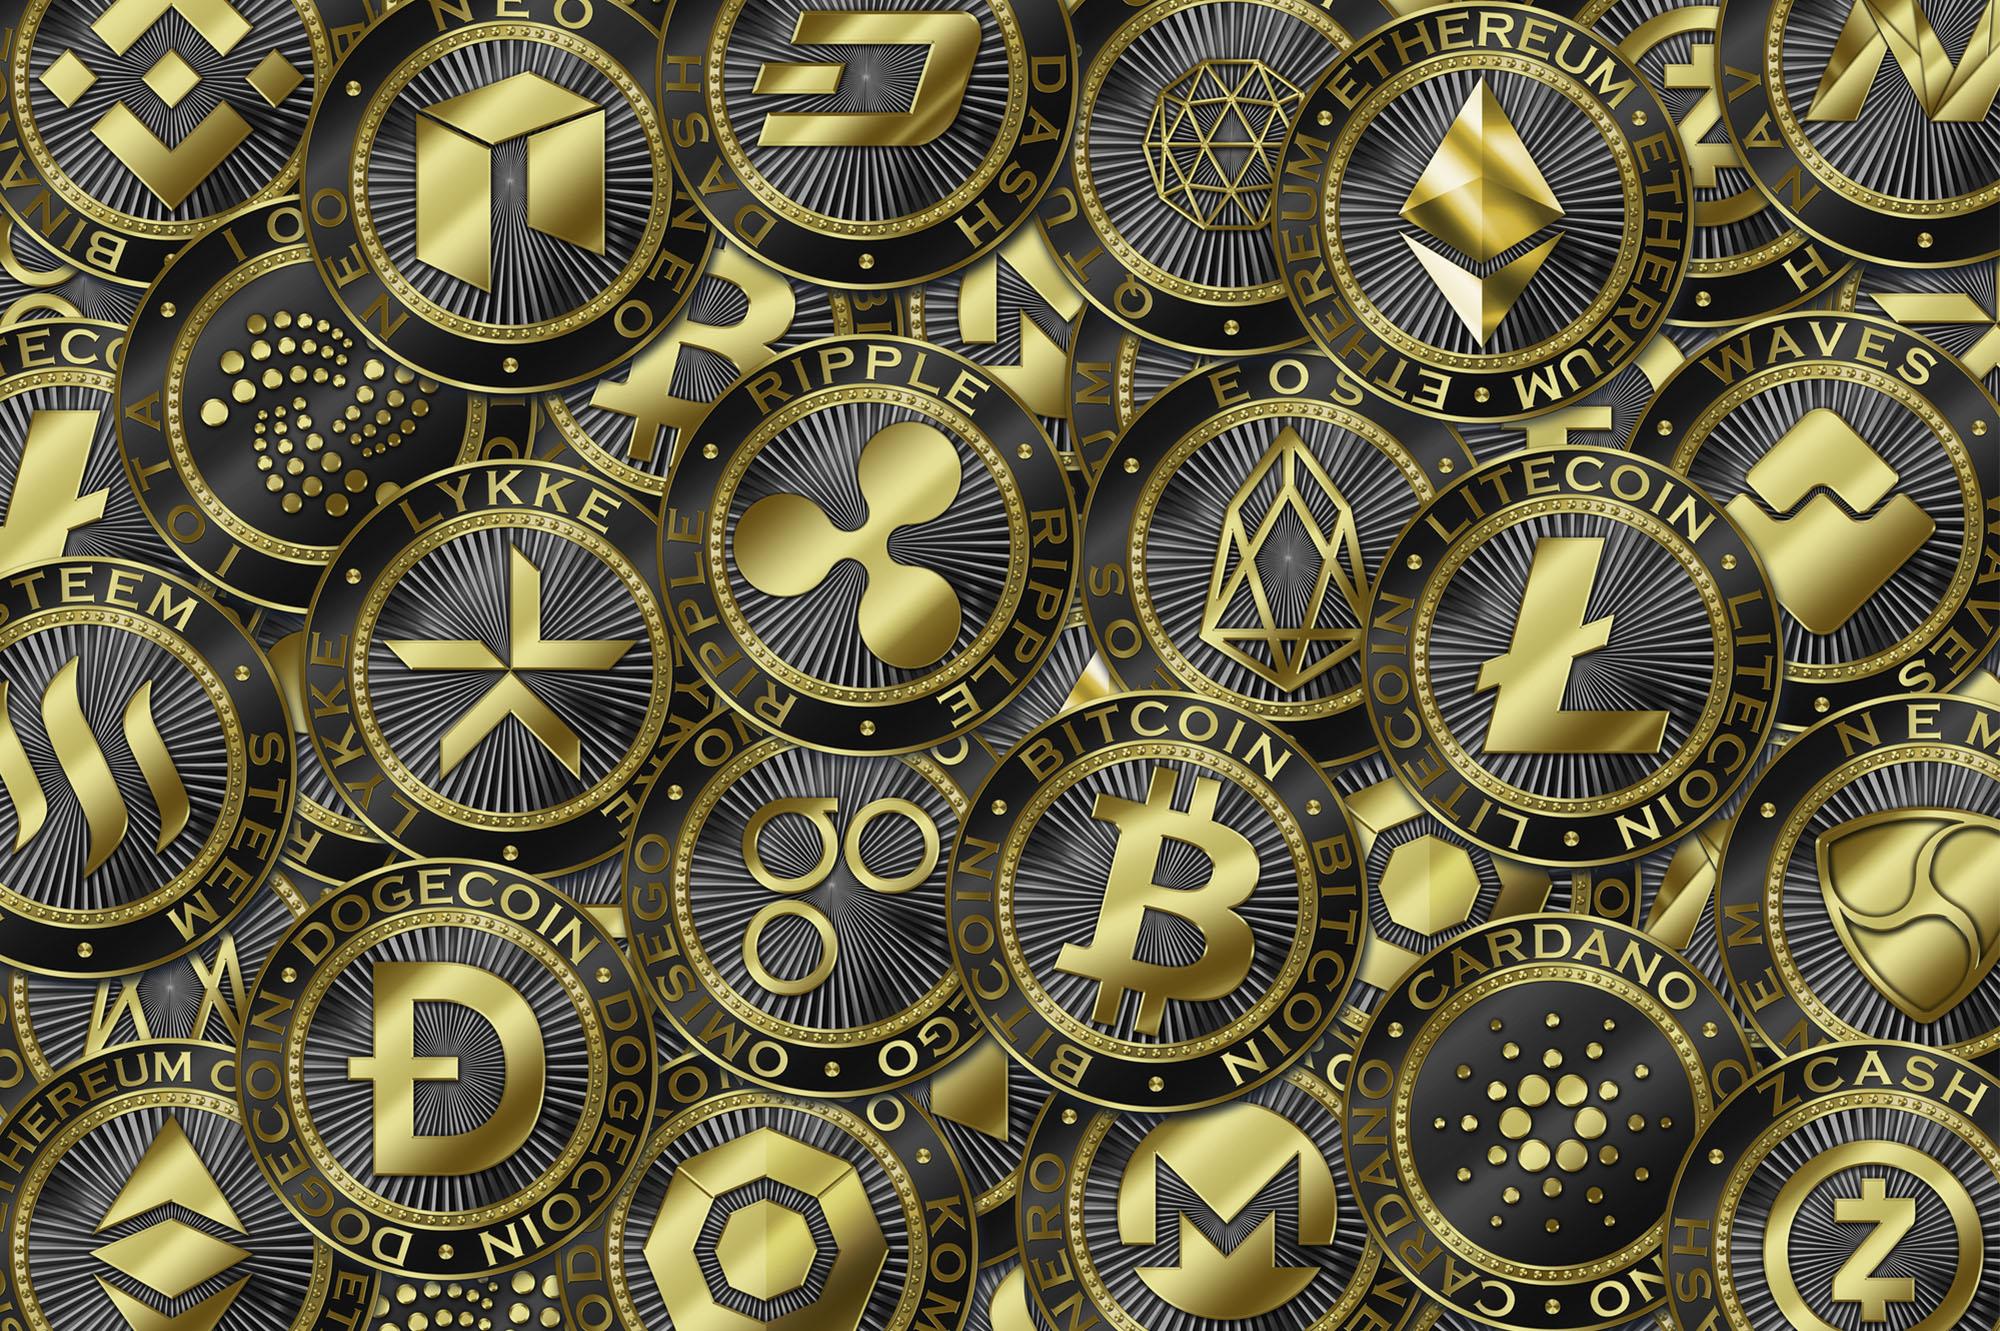 Netricoin-setti, eli Stellar ja Bitcoin Cash yhdessä?